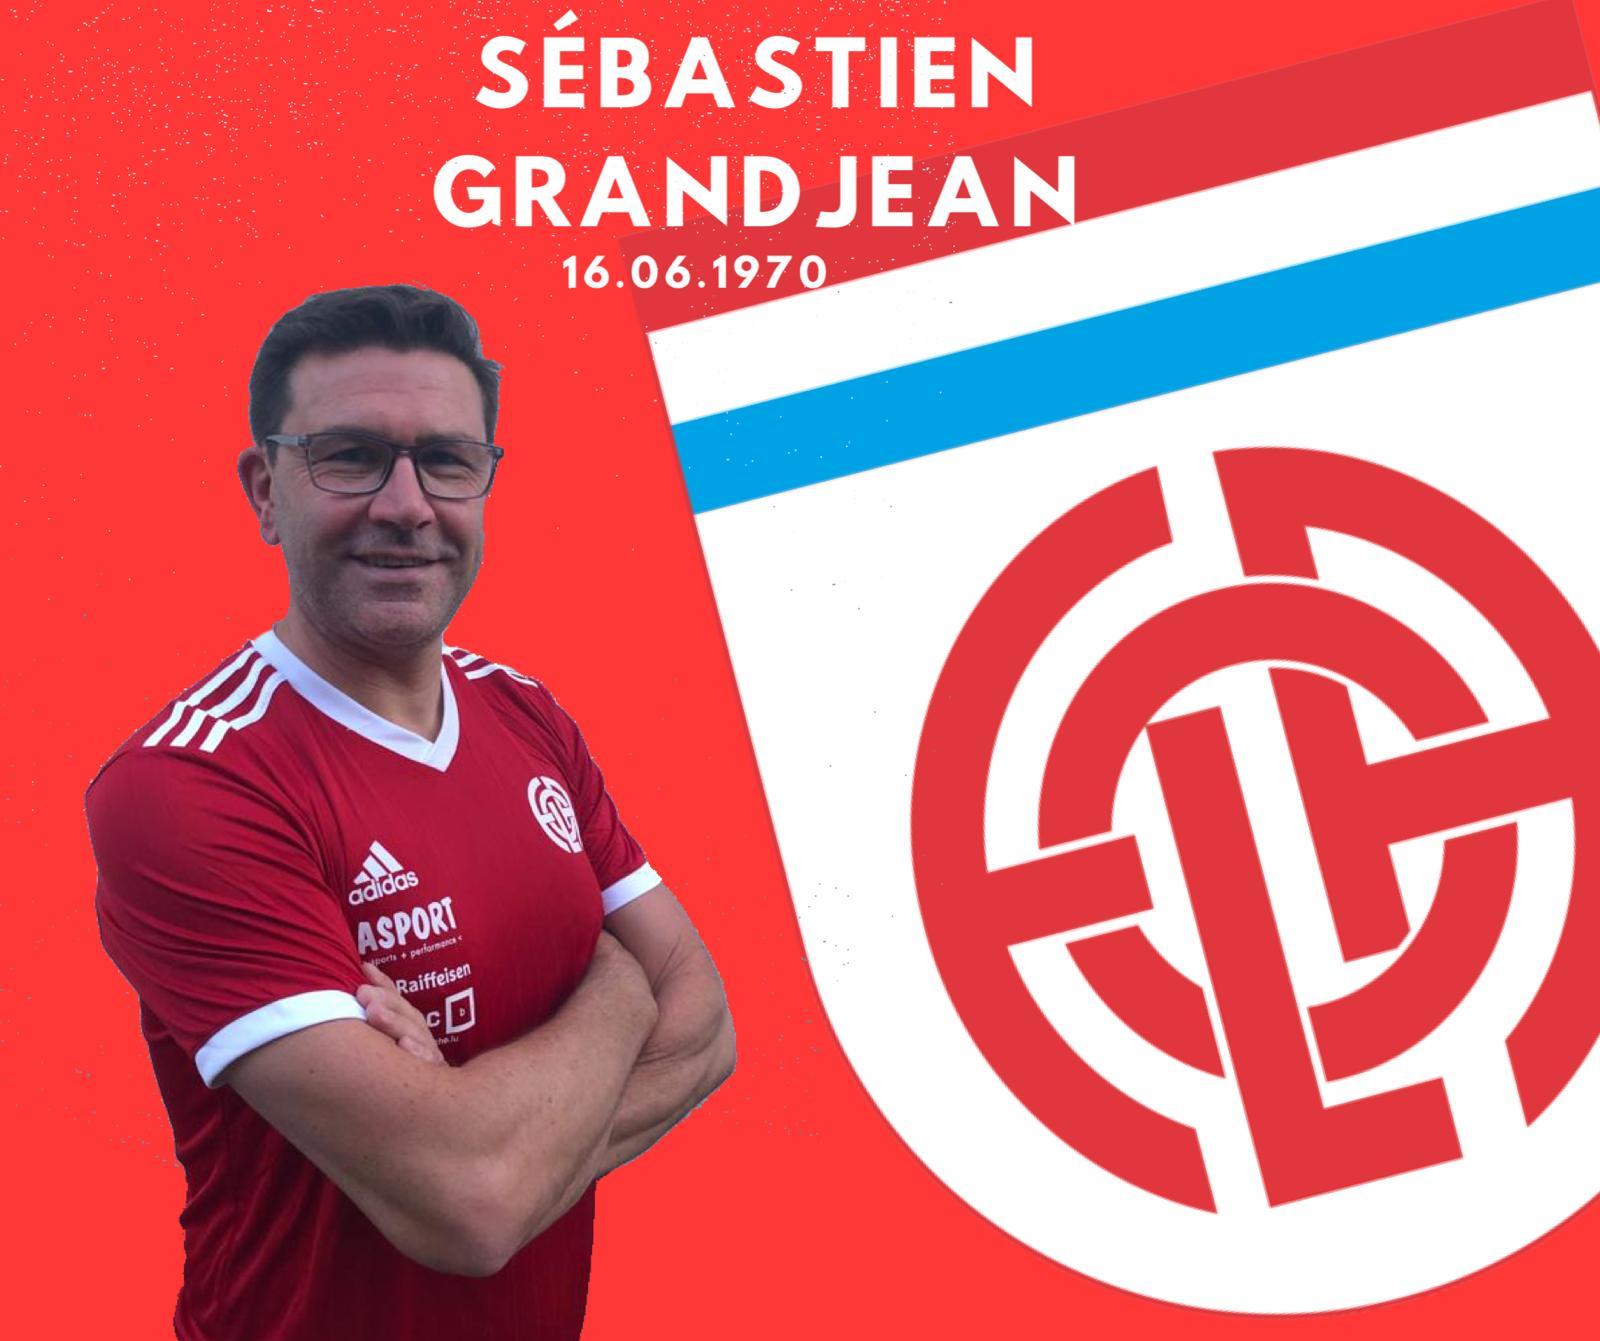 Le CS FOLA souhaite la bienvenue à Sébastien Grandjean et le meilleur sous ses nouvelles couleurs 'rouge et blanc'!